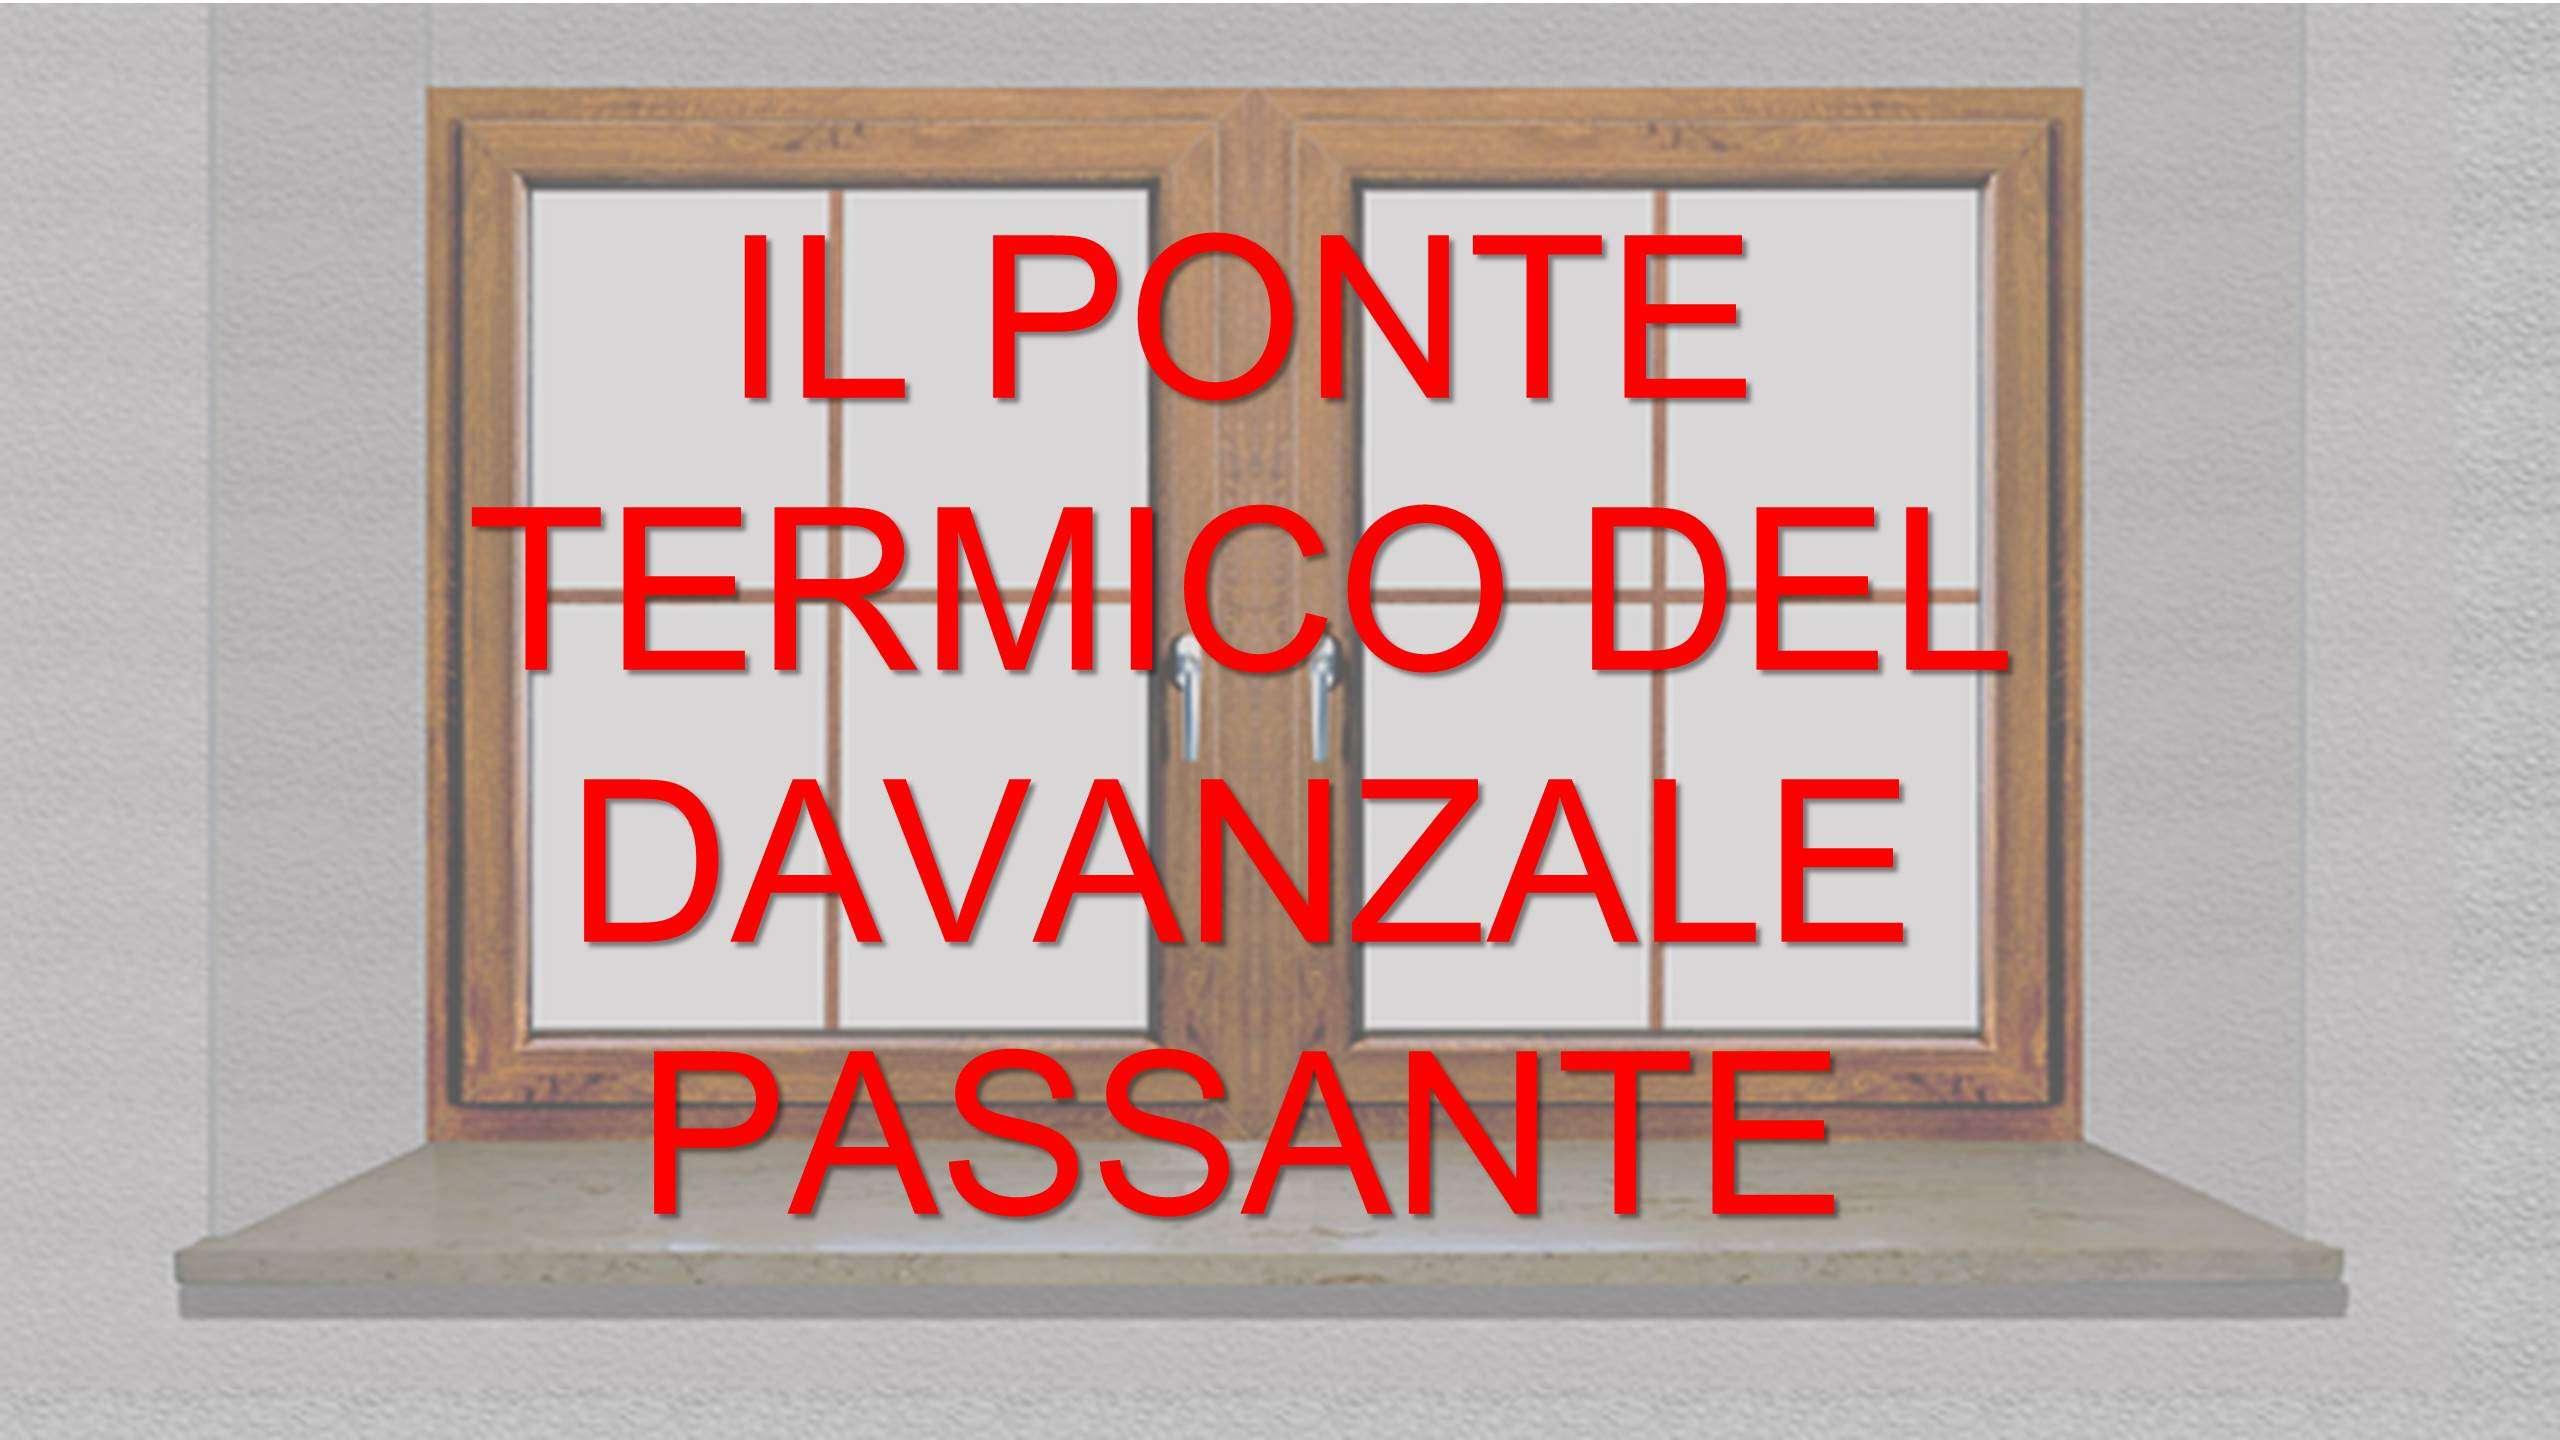 Davanzale Interno Della Finestra davanzale passante: il suo ponte termico - pq